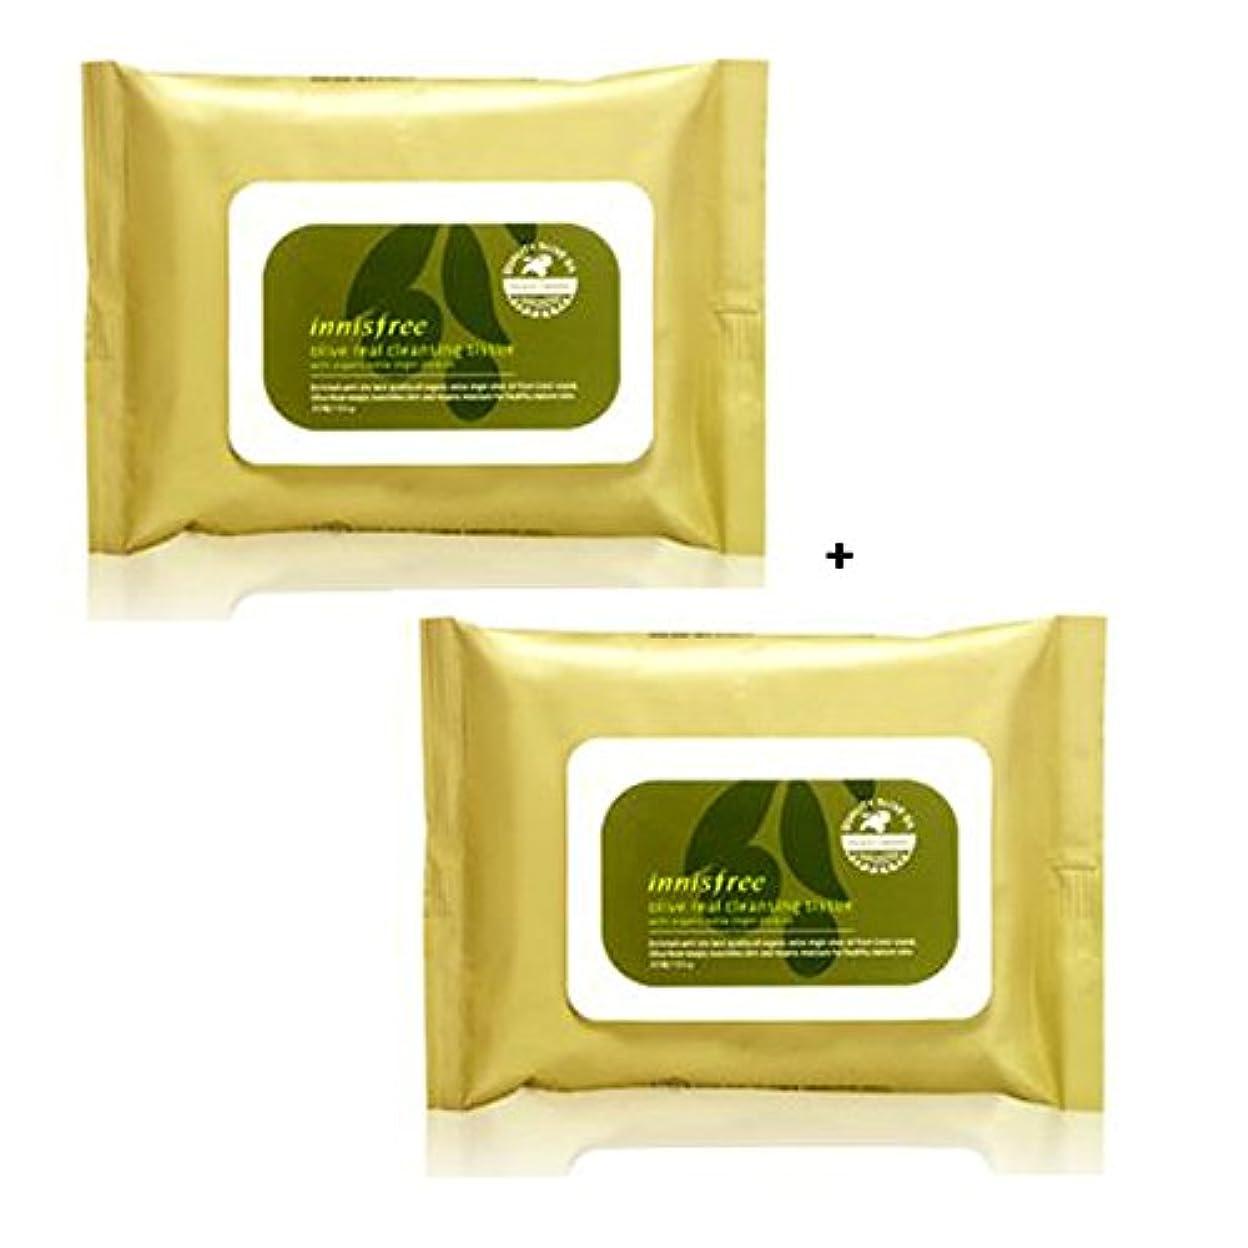 創始者一時解雇する従うイニスフリー Innisfree オリーブリアル クレンジングティッシュ (30枚x2) Innisfree Olive Real Cleansing Tissue (30sheetsx2Pcs) [海外直送品]